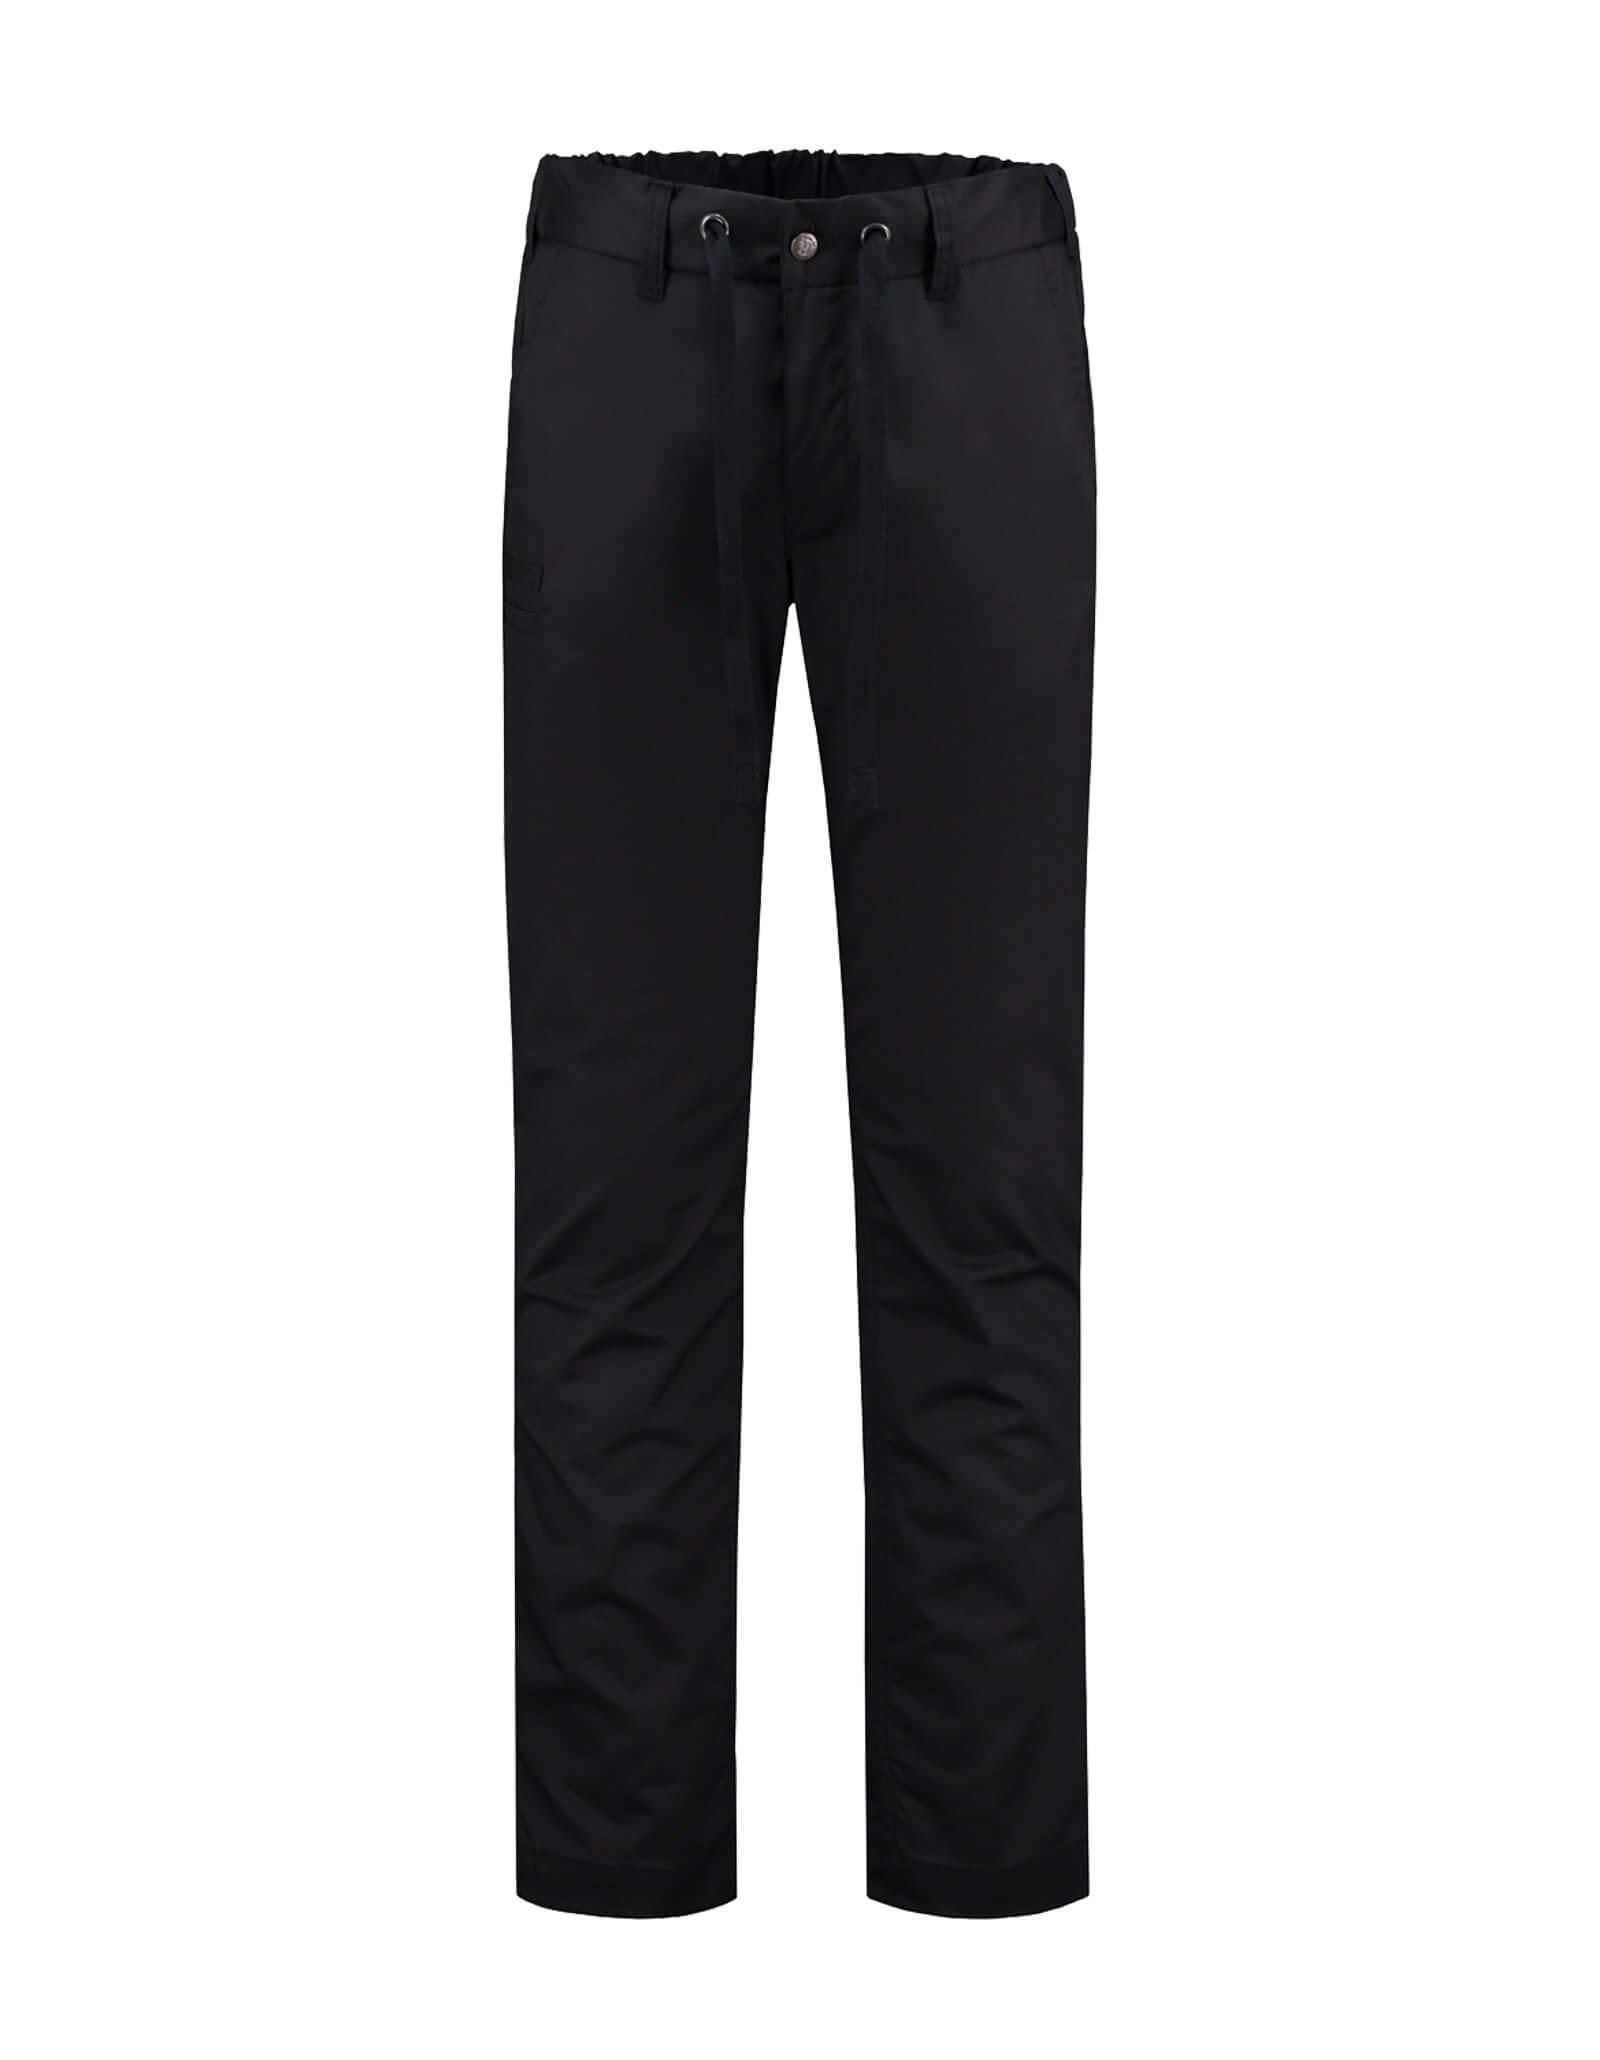 Pantalon Sydney Noir